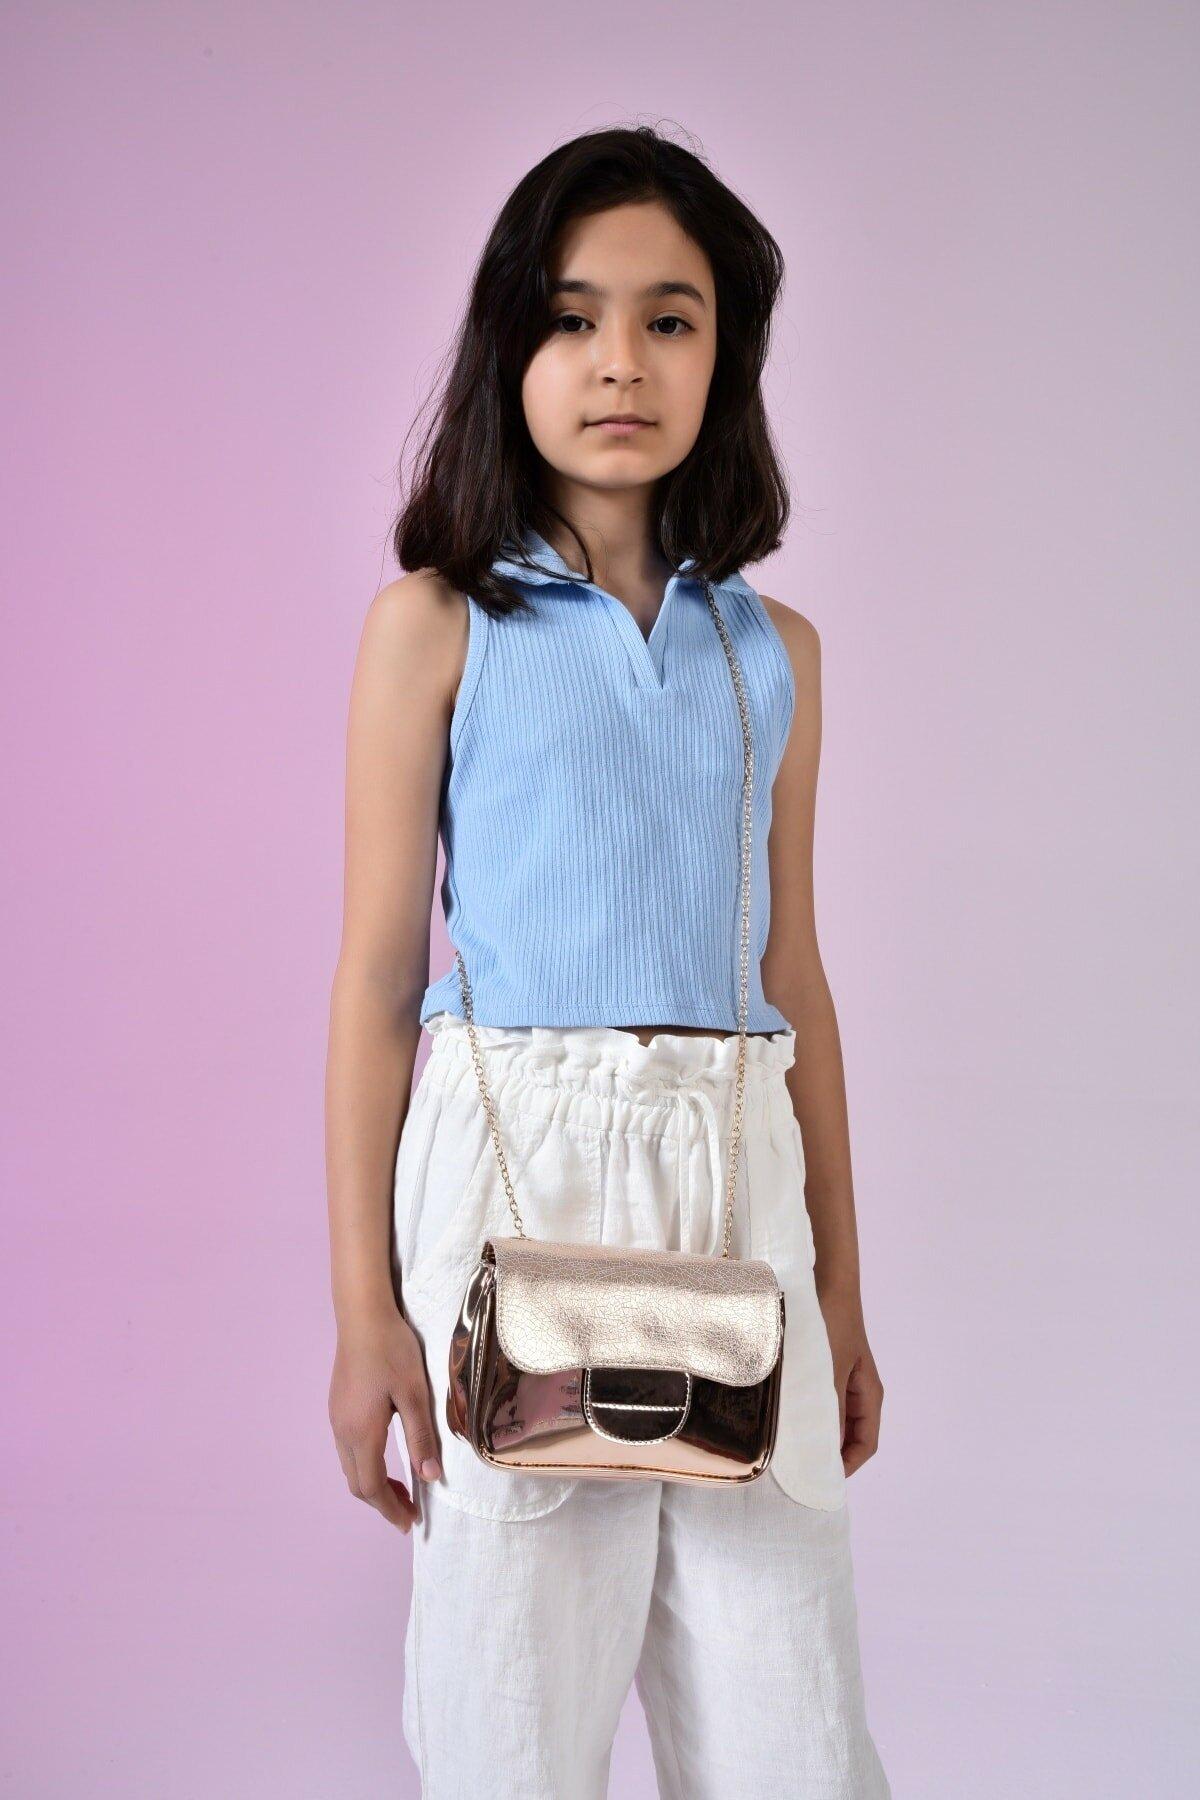 Повседневные сумки-тоуты для девочек, складная вместительная сумка для хранения, модные простые Молодежные дамские сумочки для покупок